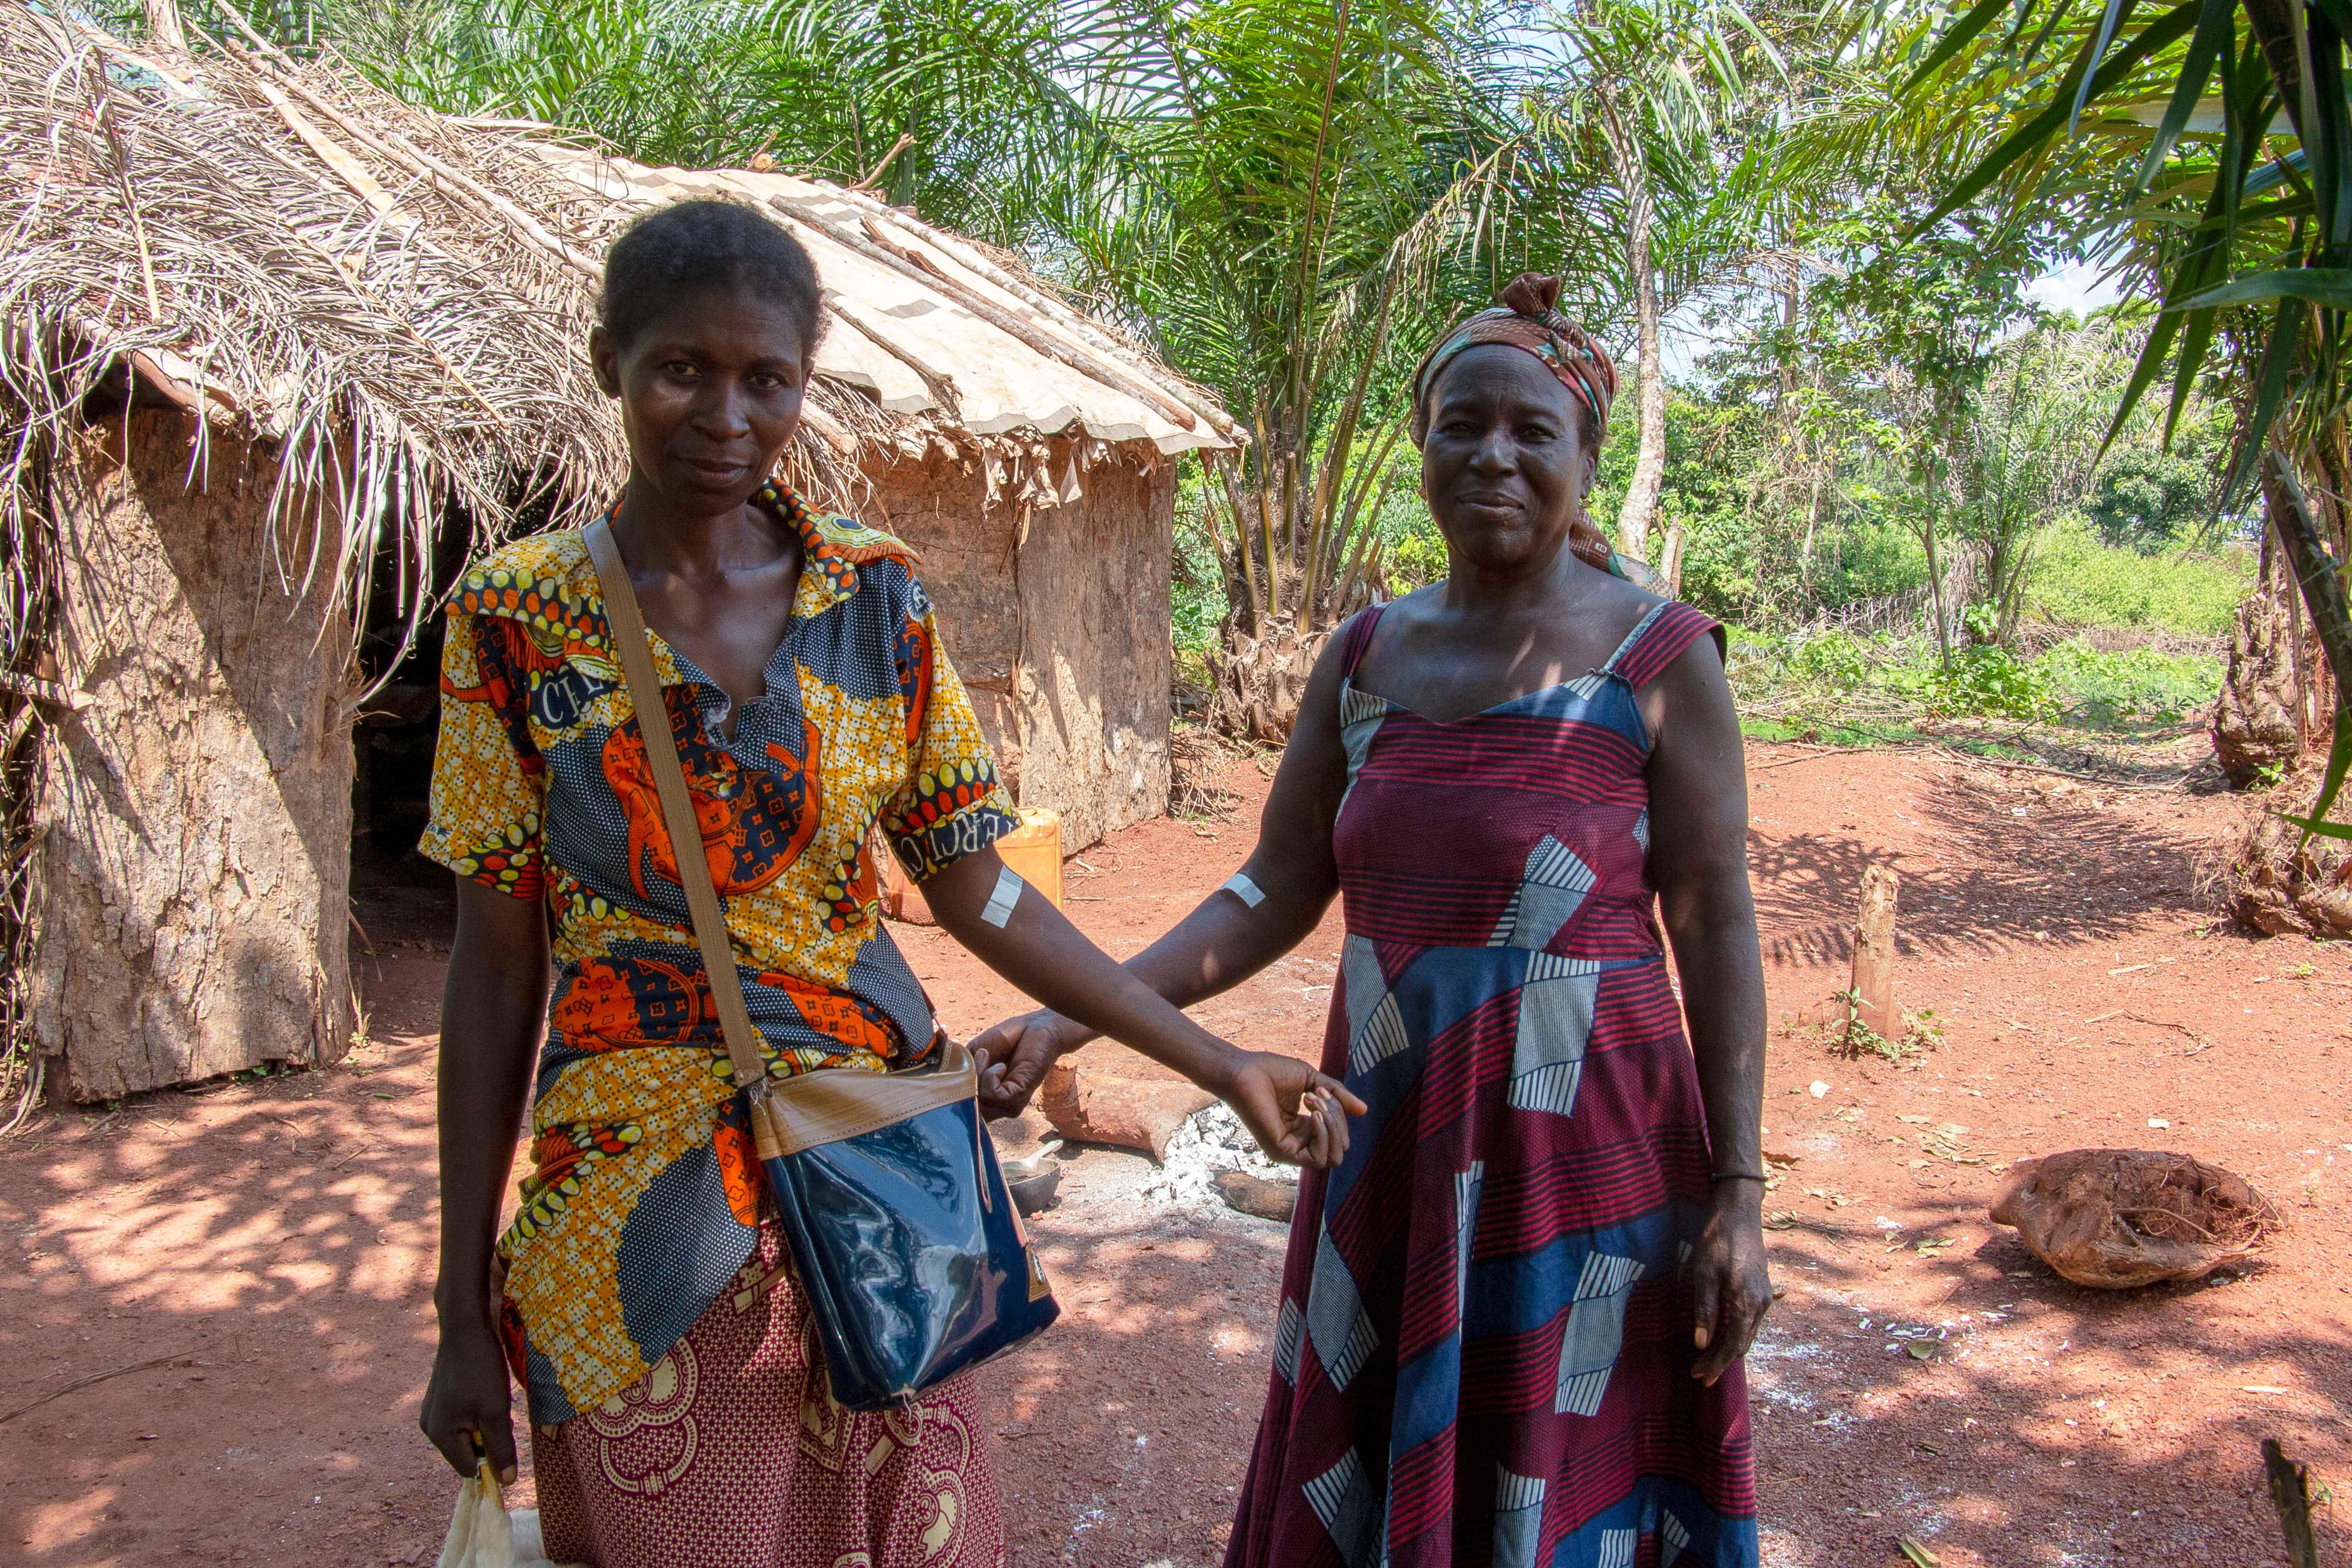 Une nouvelle étude portant sur les marqueurs de résistance aux médicaments chez le parasite du paludisme en République Centrafricaine, publiée dans Malaria Journal, révèle l'absence à Bangui de souches de Plasmodium falciparum portant des mutations décrites dans la résistance à l'artémisinine. En revanche, cette étude identifie une mutation probablement jamais observée auparavant et dont le phénotype n'est pas encore connu. L'étude a par ailleurs mis en évidence la circulation de Plasmodium ovale en co-infection avec Plasmodium falciparum, l'espèce prépondérante du parasite responsable du paludisme.